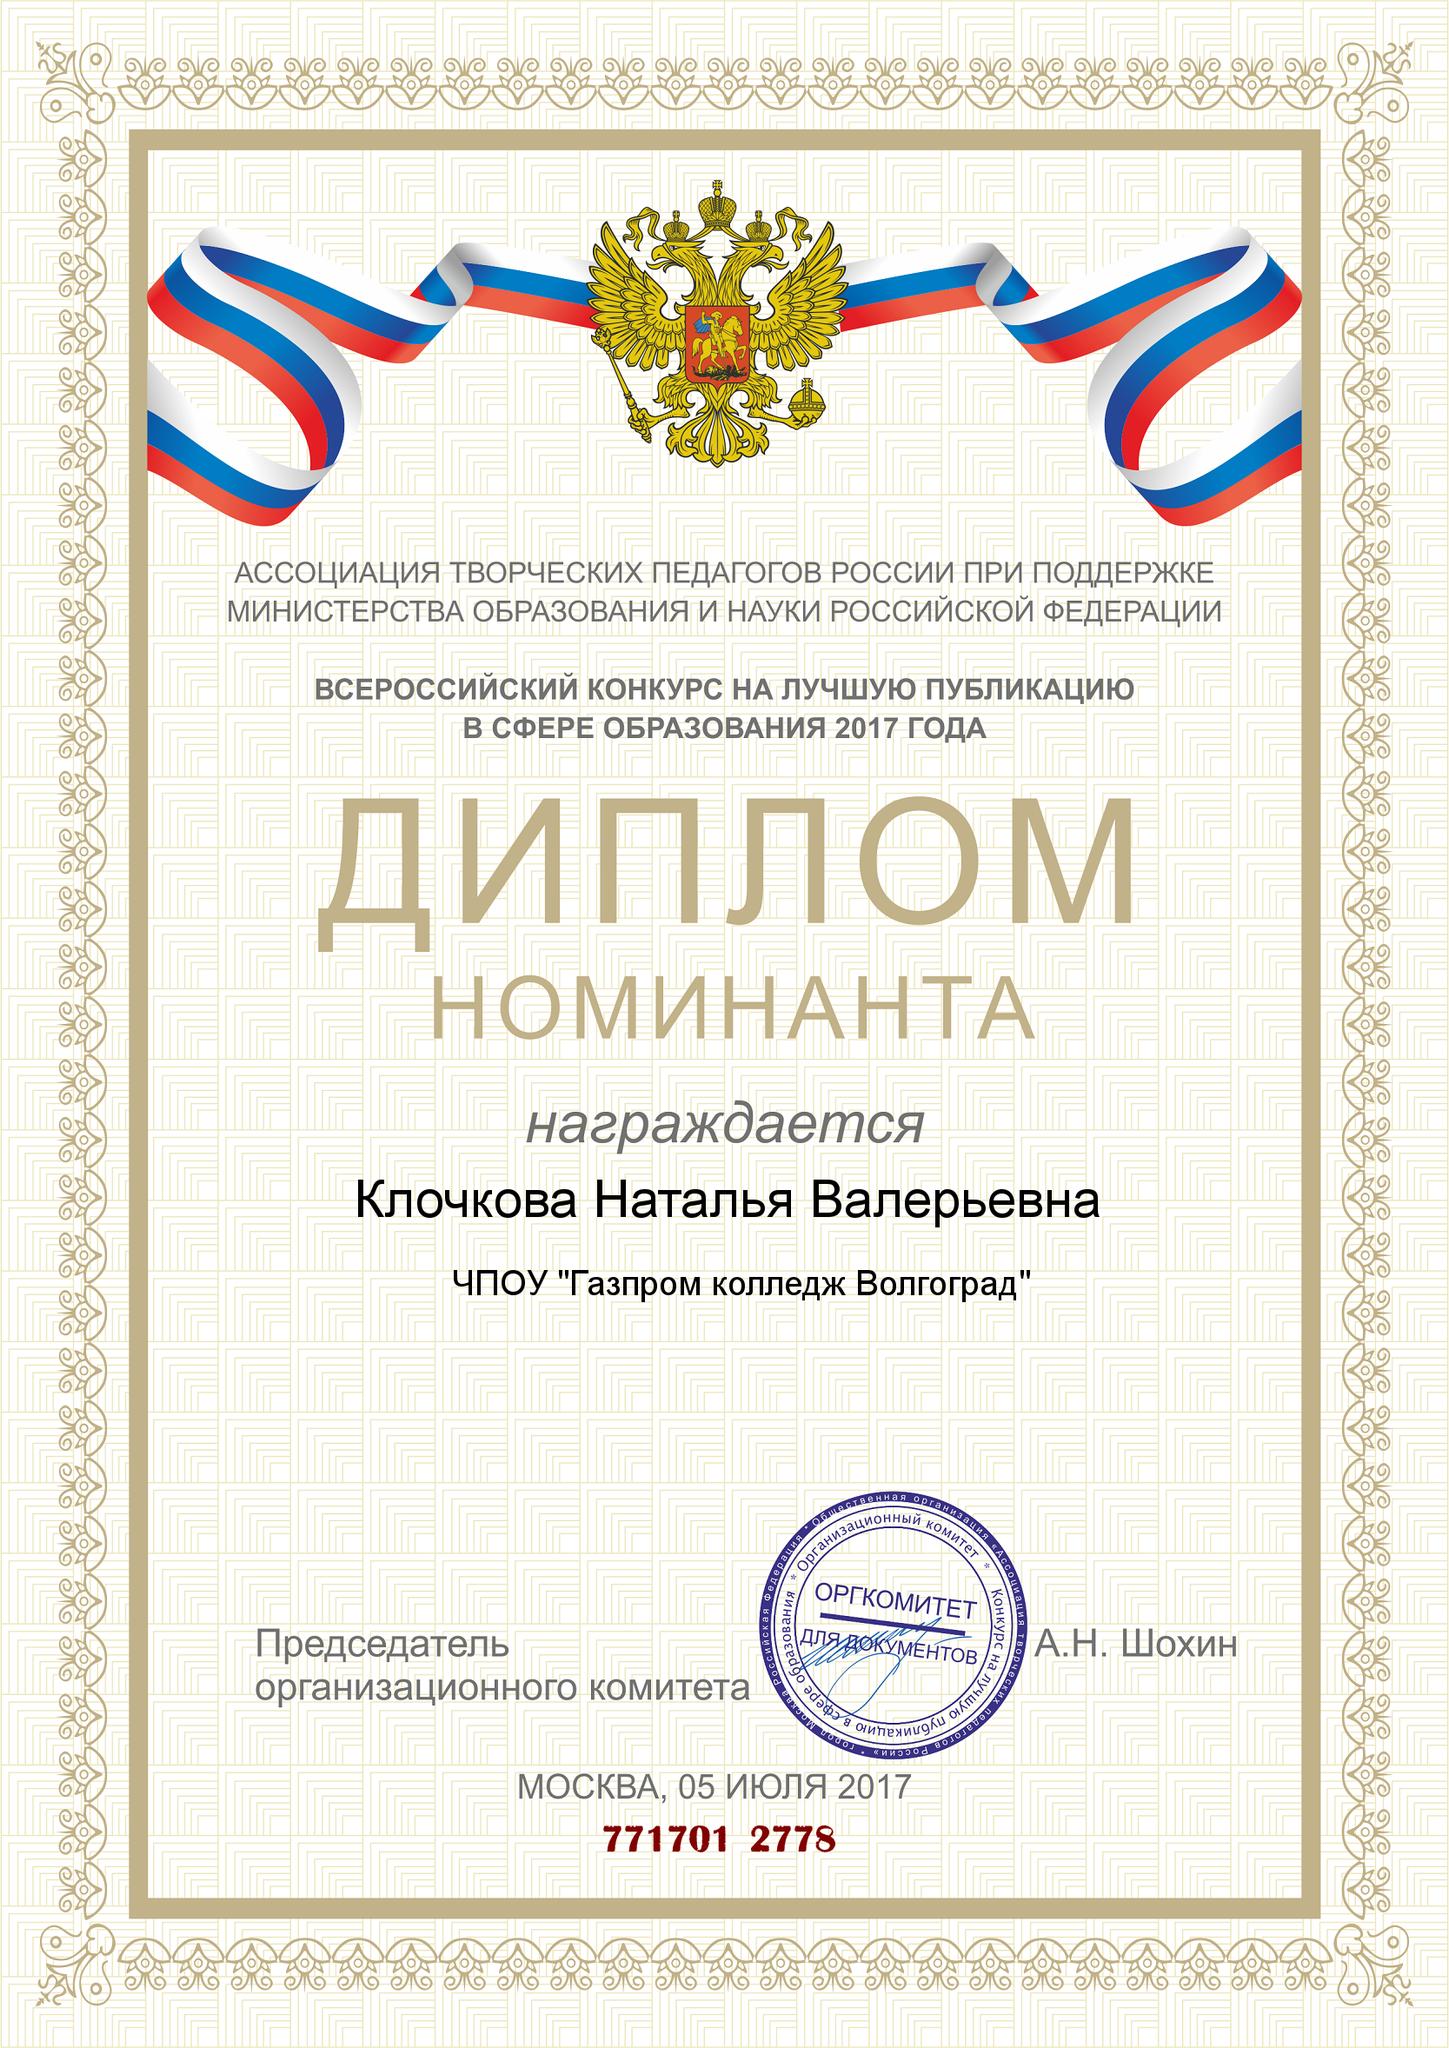 текст грамоты за участие в конкурсе